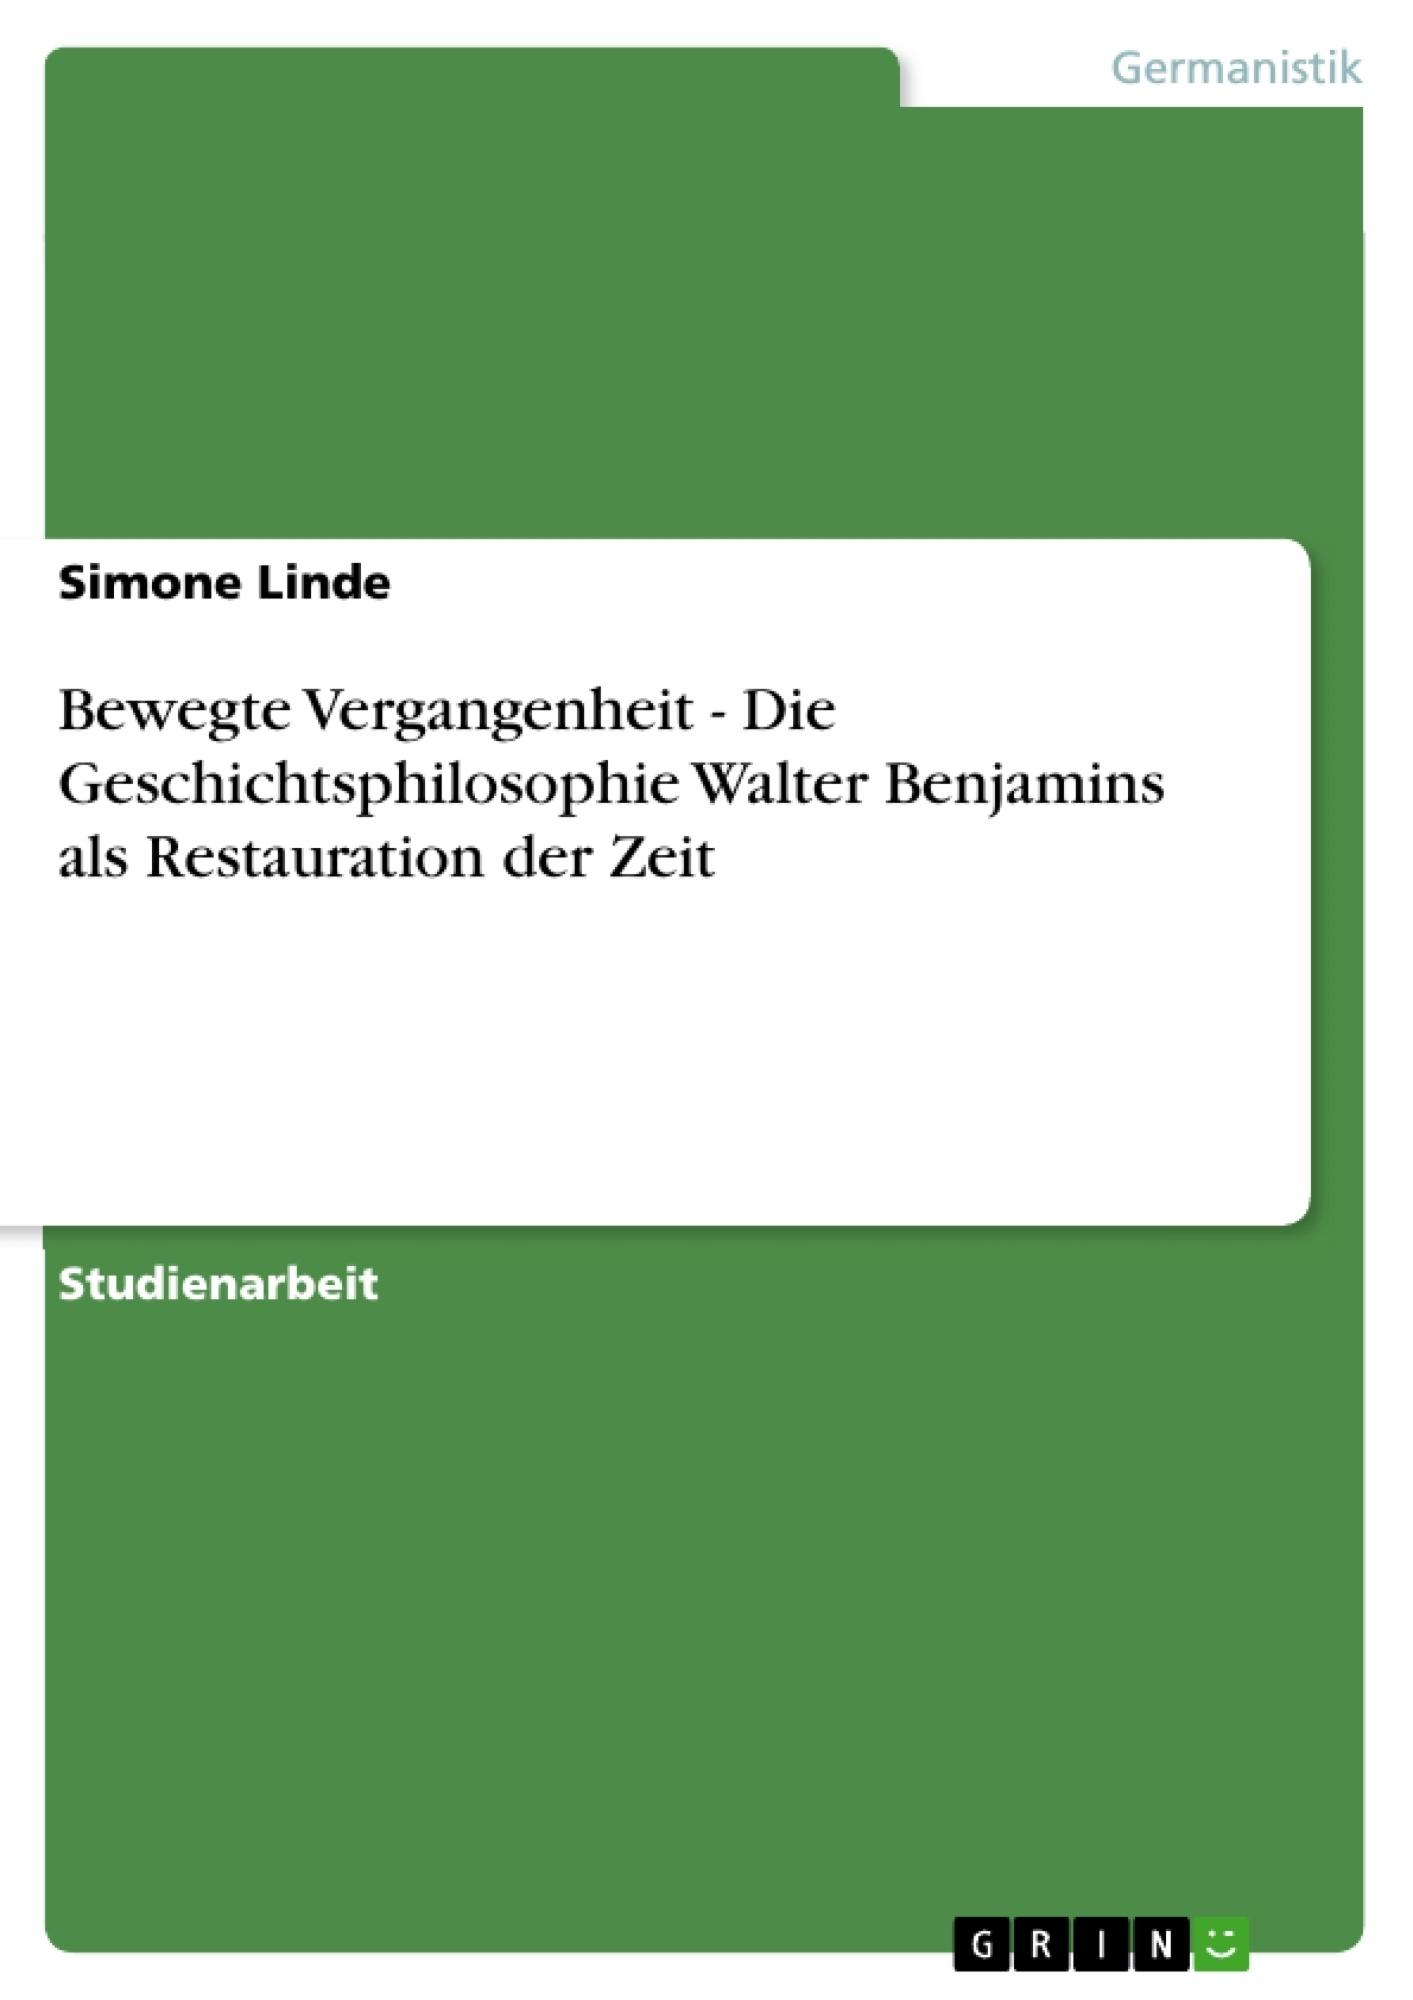 Titel: Bewegte Vergangenheit - Die Geschichtsphilosophie Walter Benjamins als Restauration der Zeit